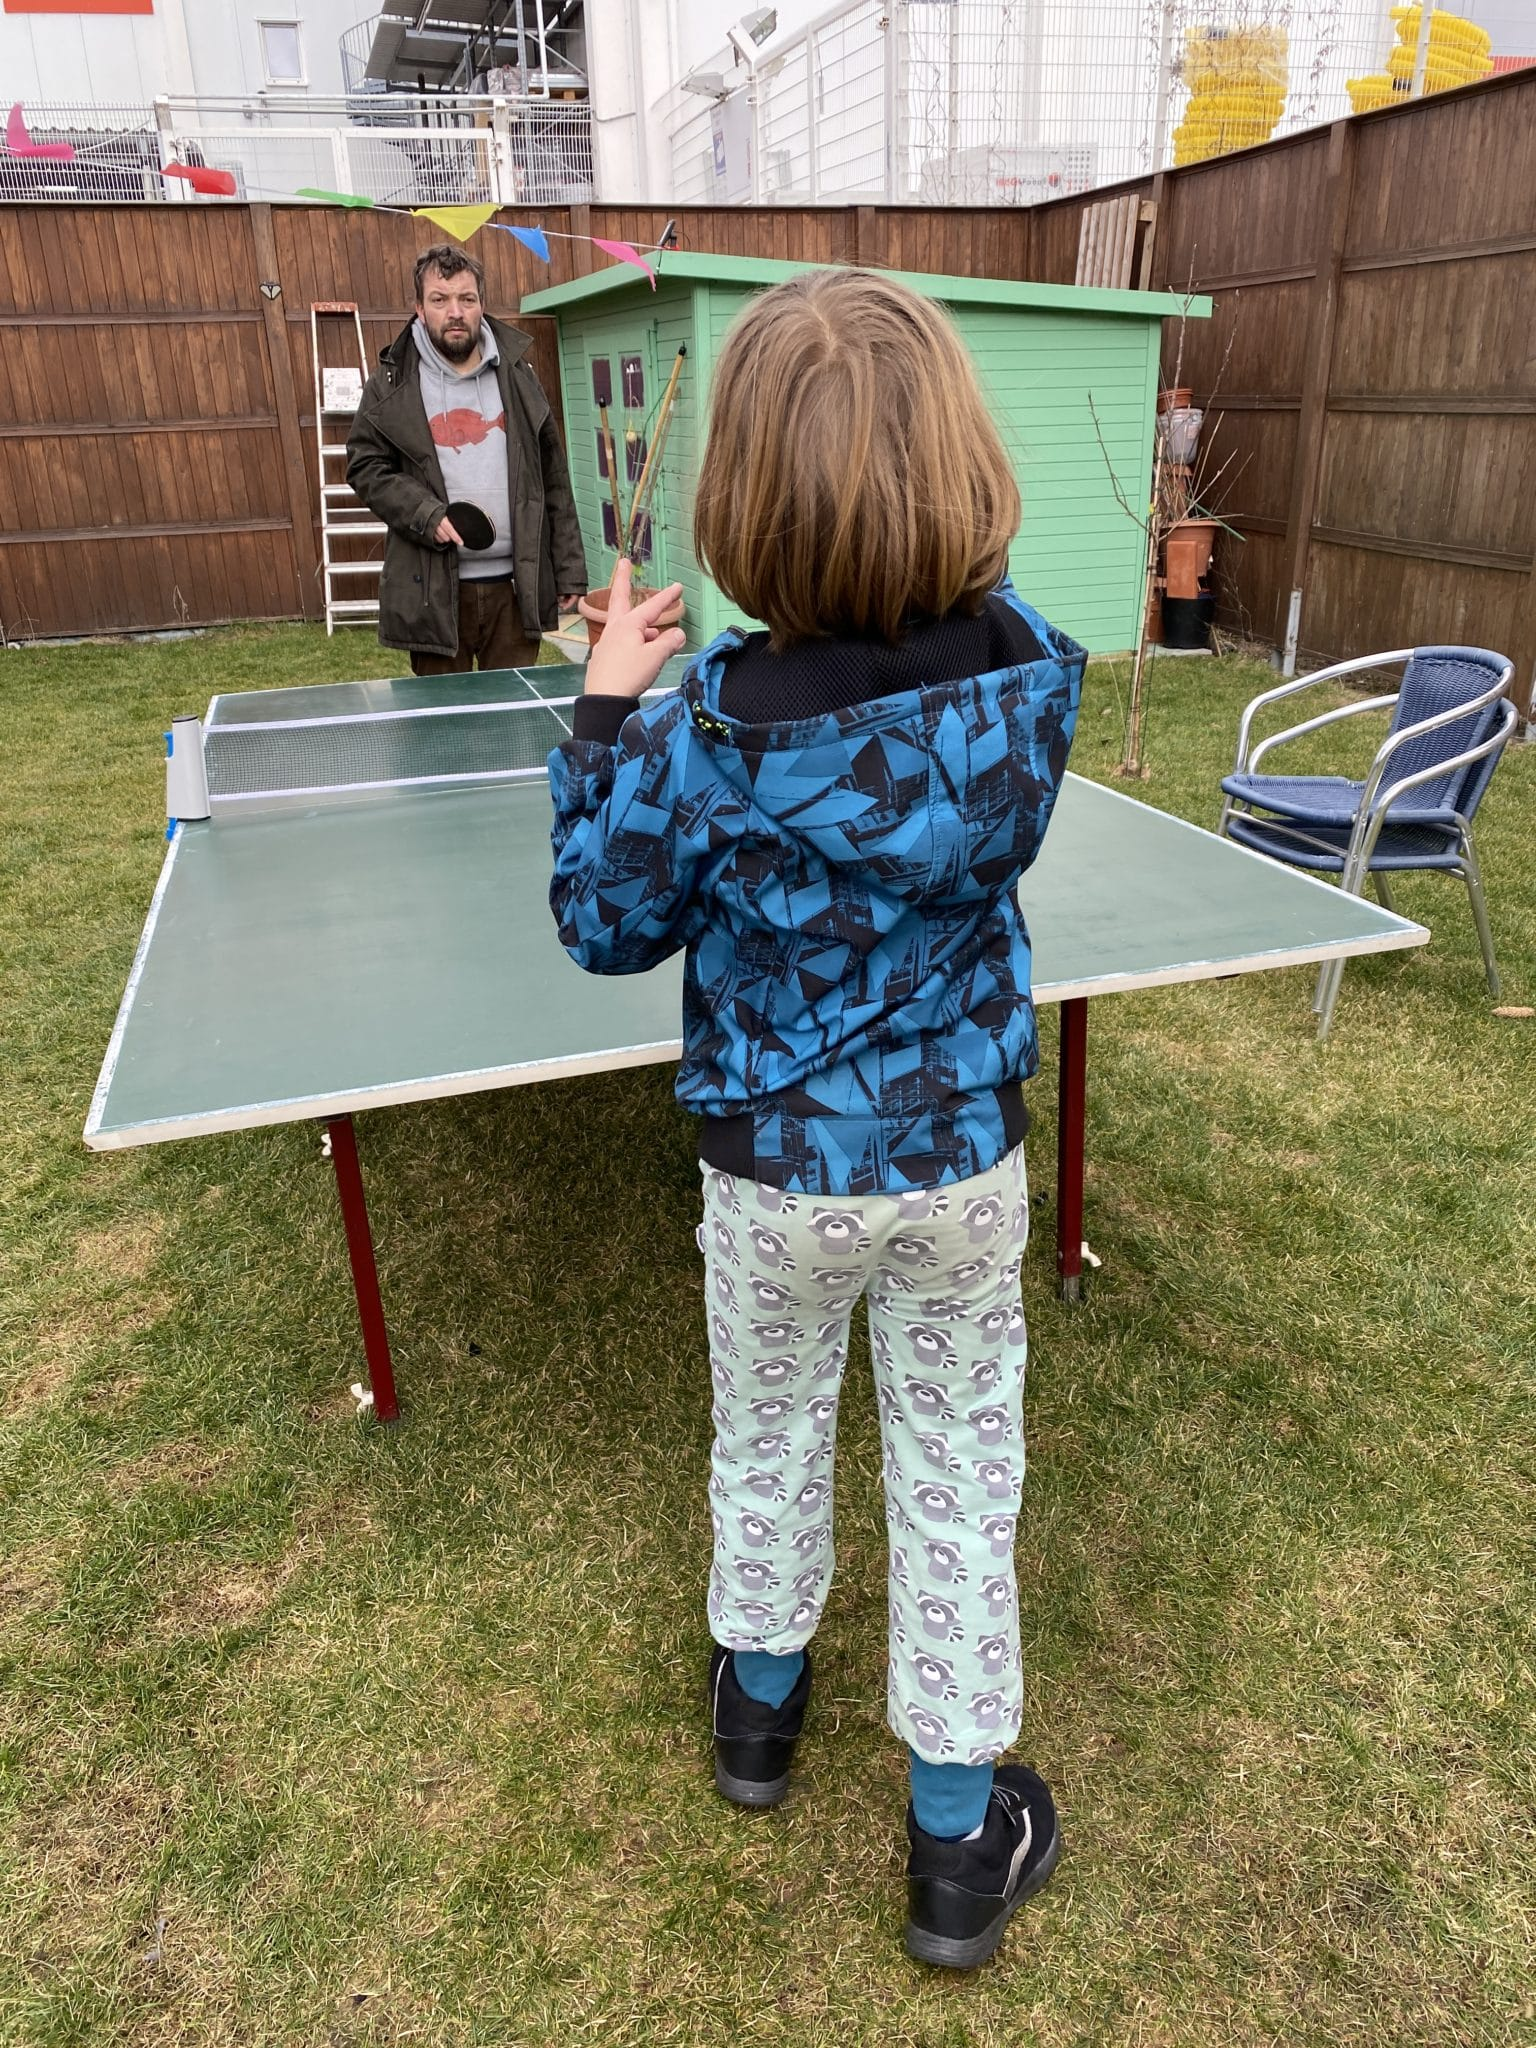 Heute vormittag üben wir Tischtennis. Gar nicht so einfach für die Kinder.